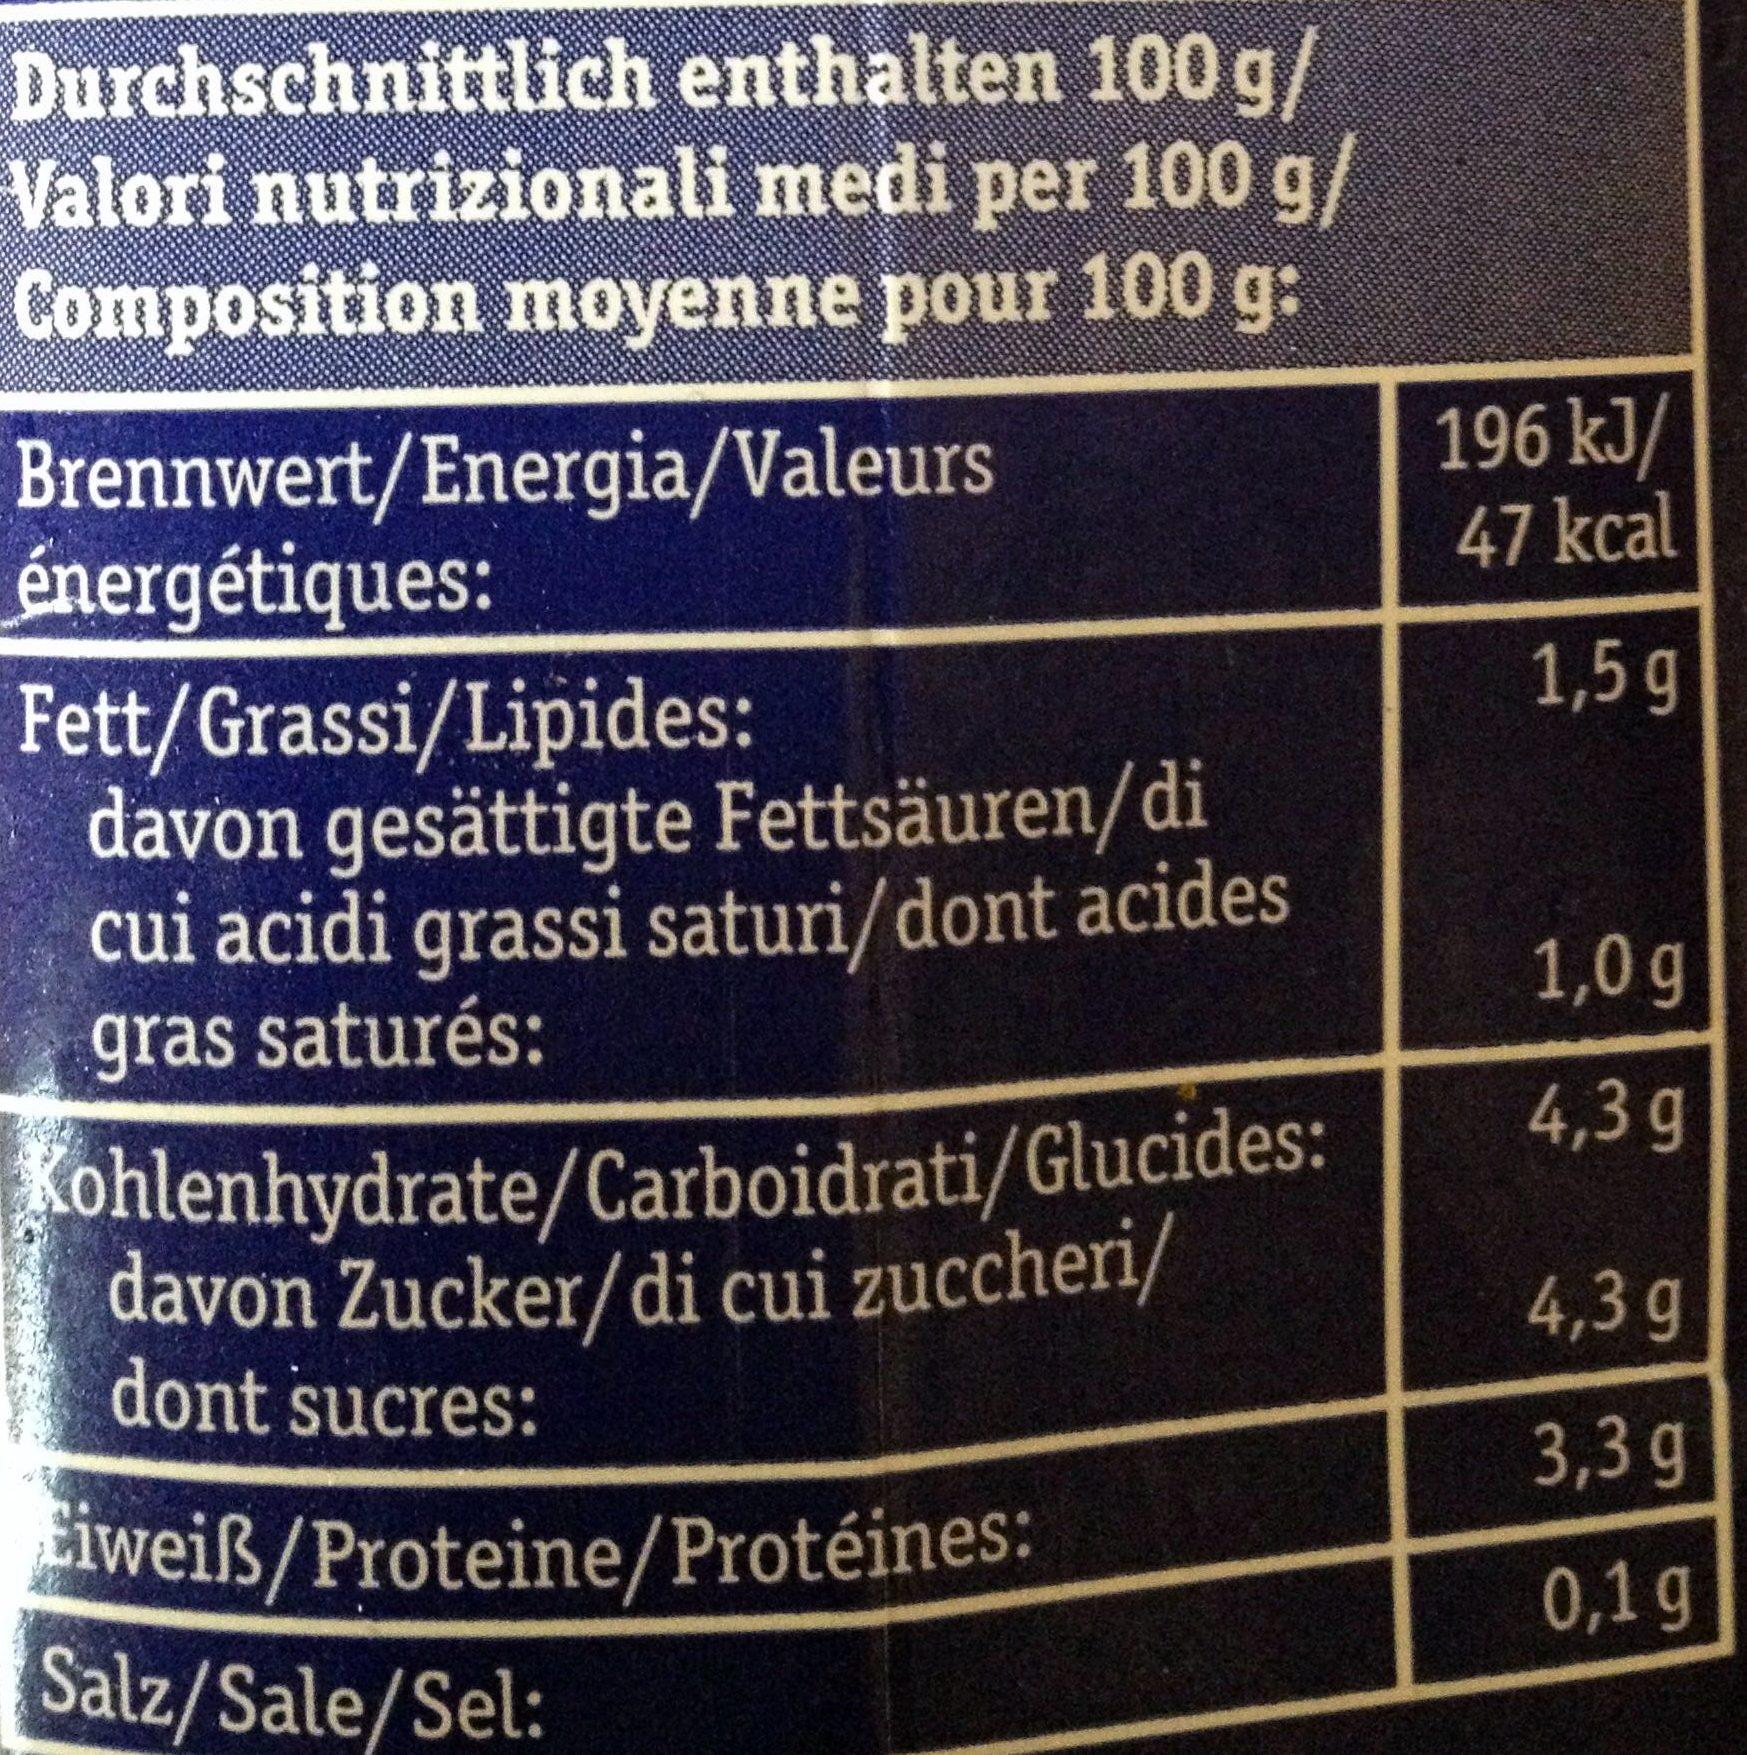 Fettarmer Bio-Kefir mild - Nutrition facts